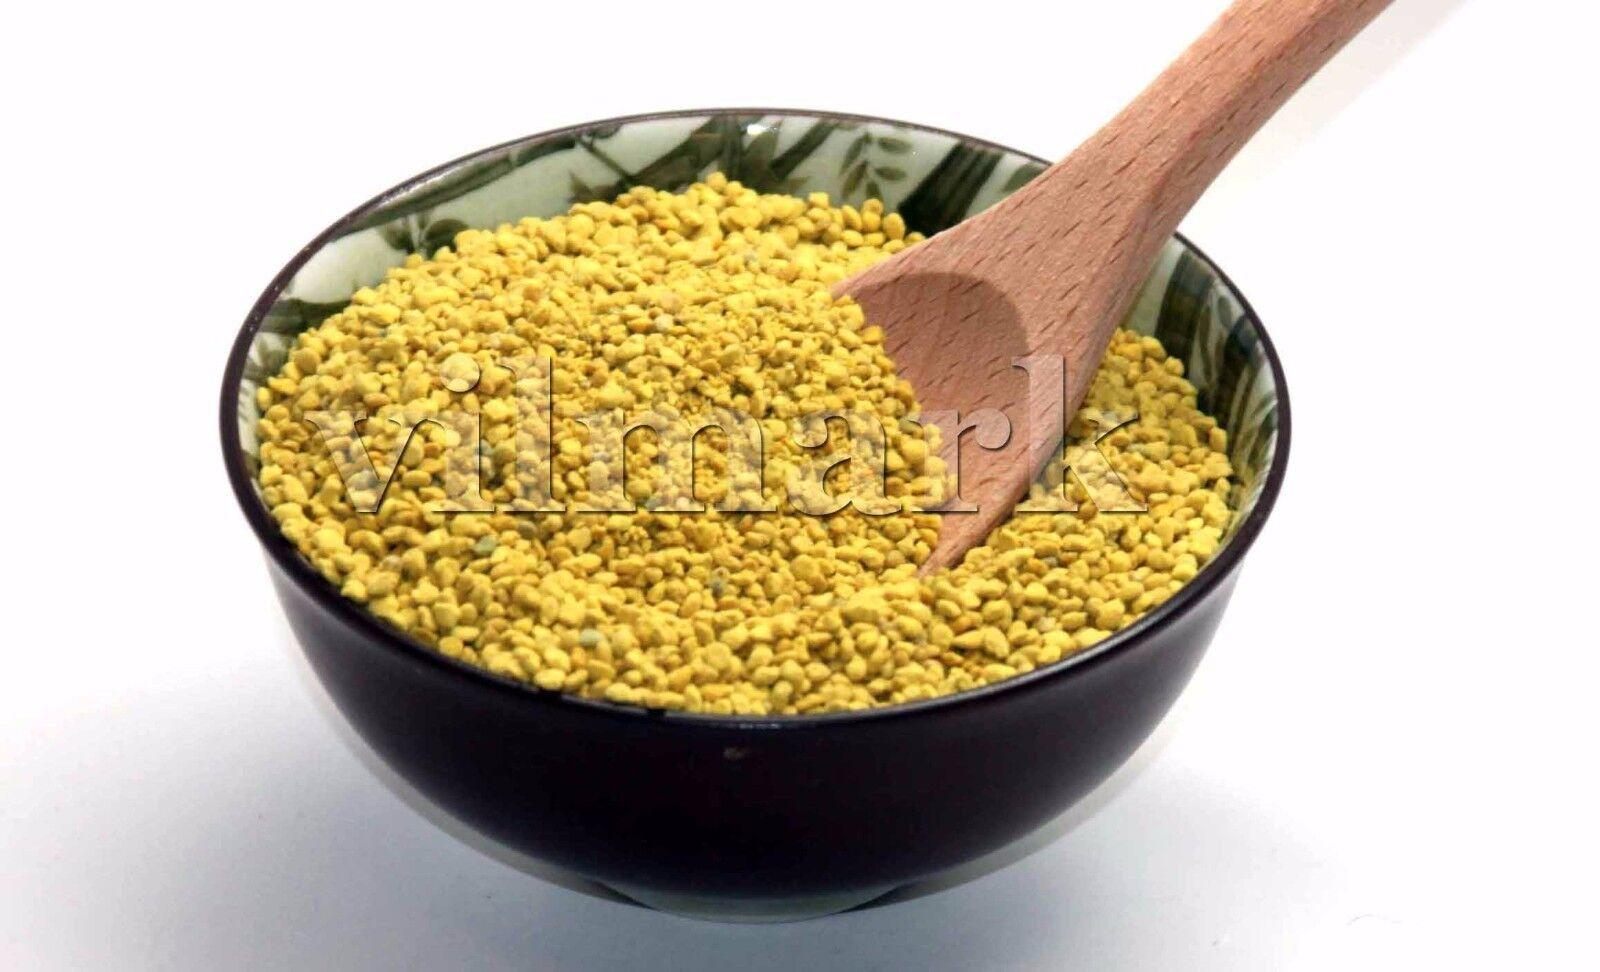 BEE POLLEN Pure Organic Bee Pollen Granules 3 oz FDA Certified